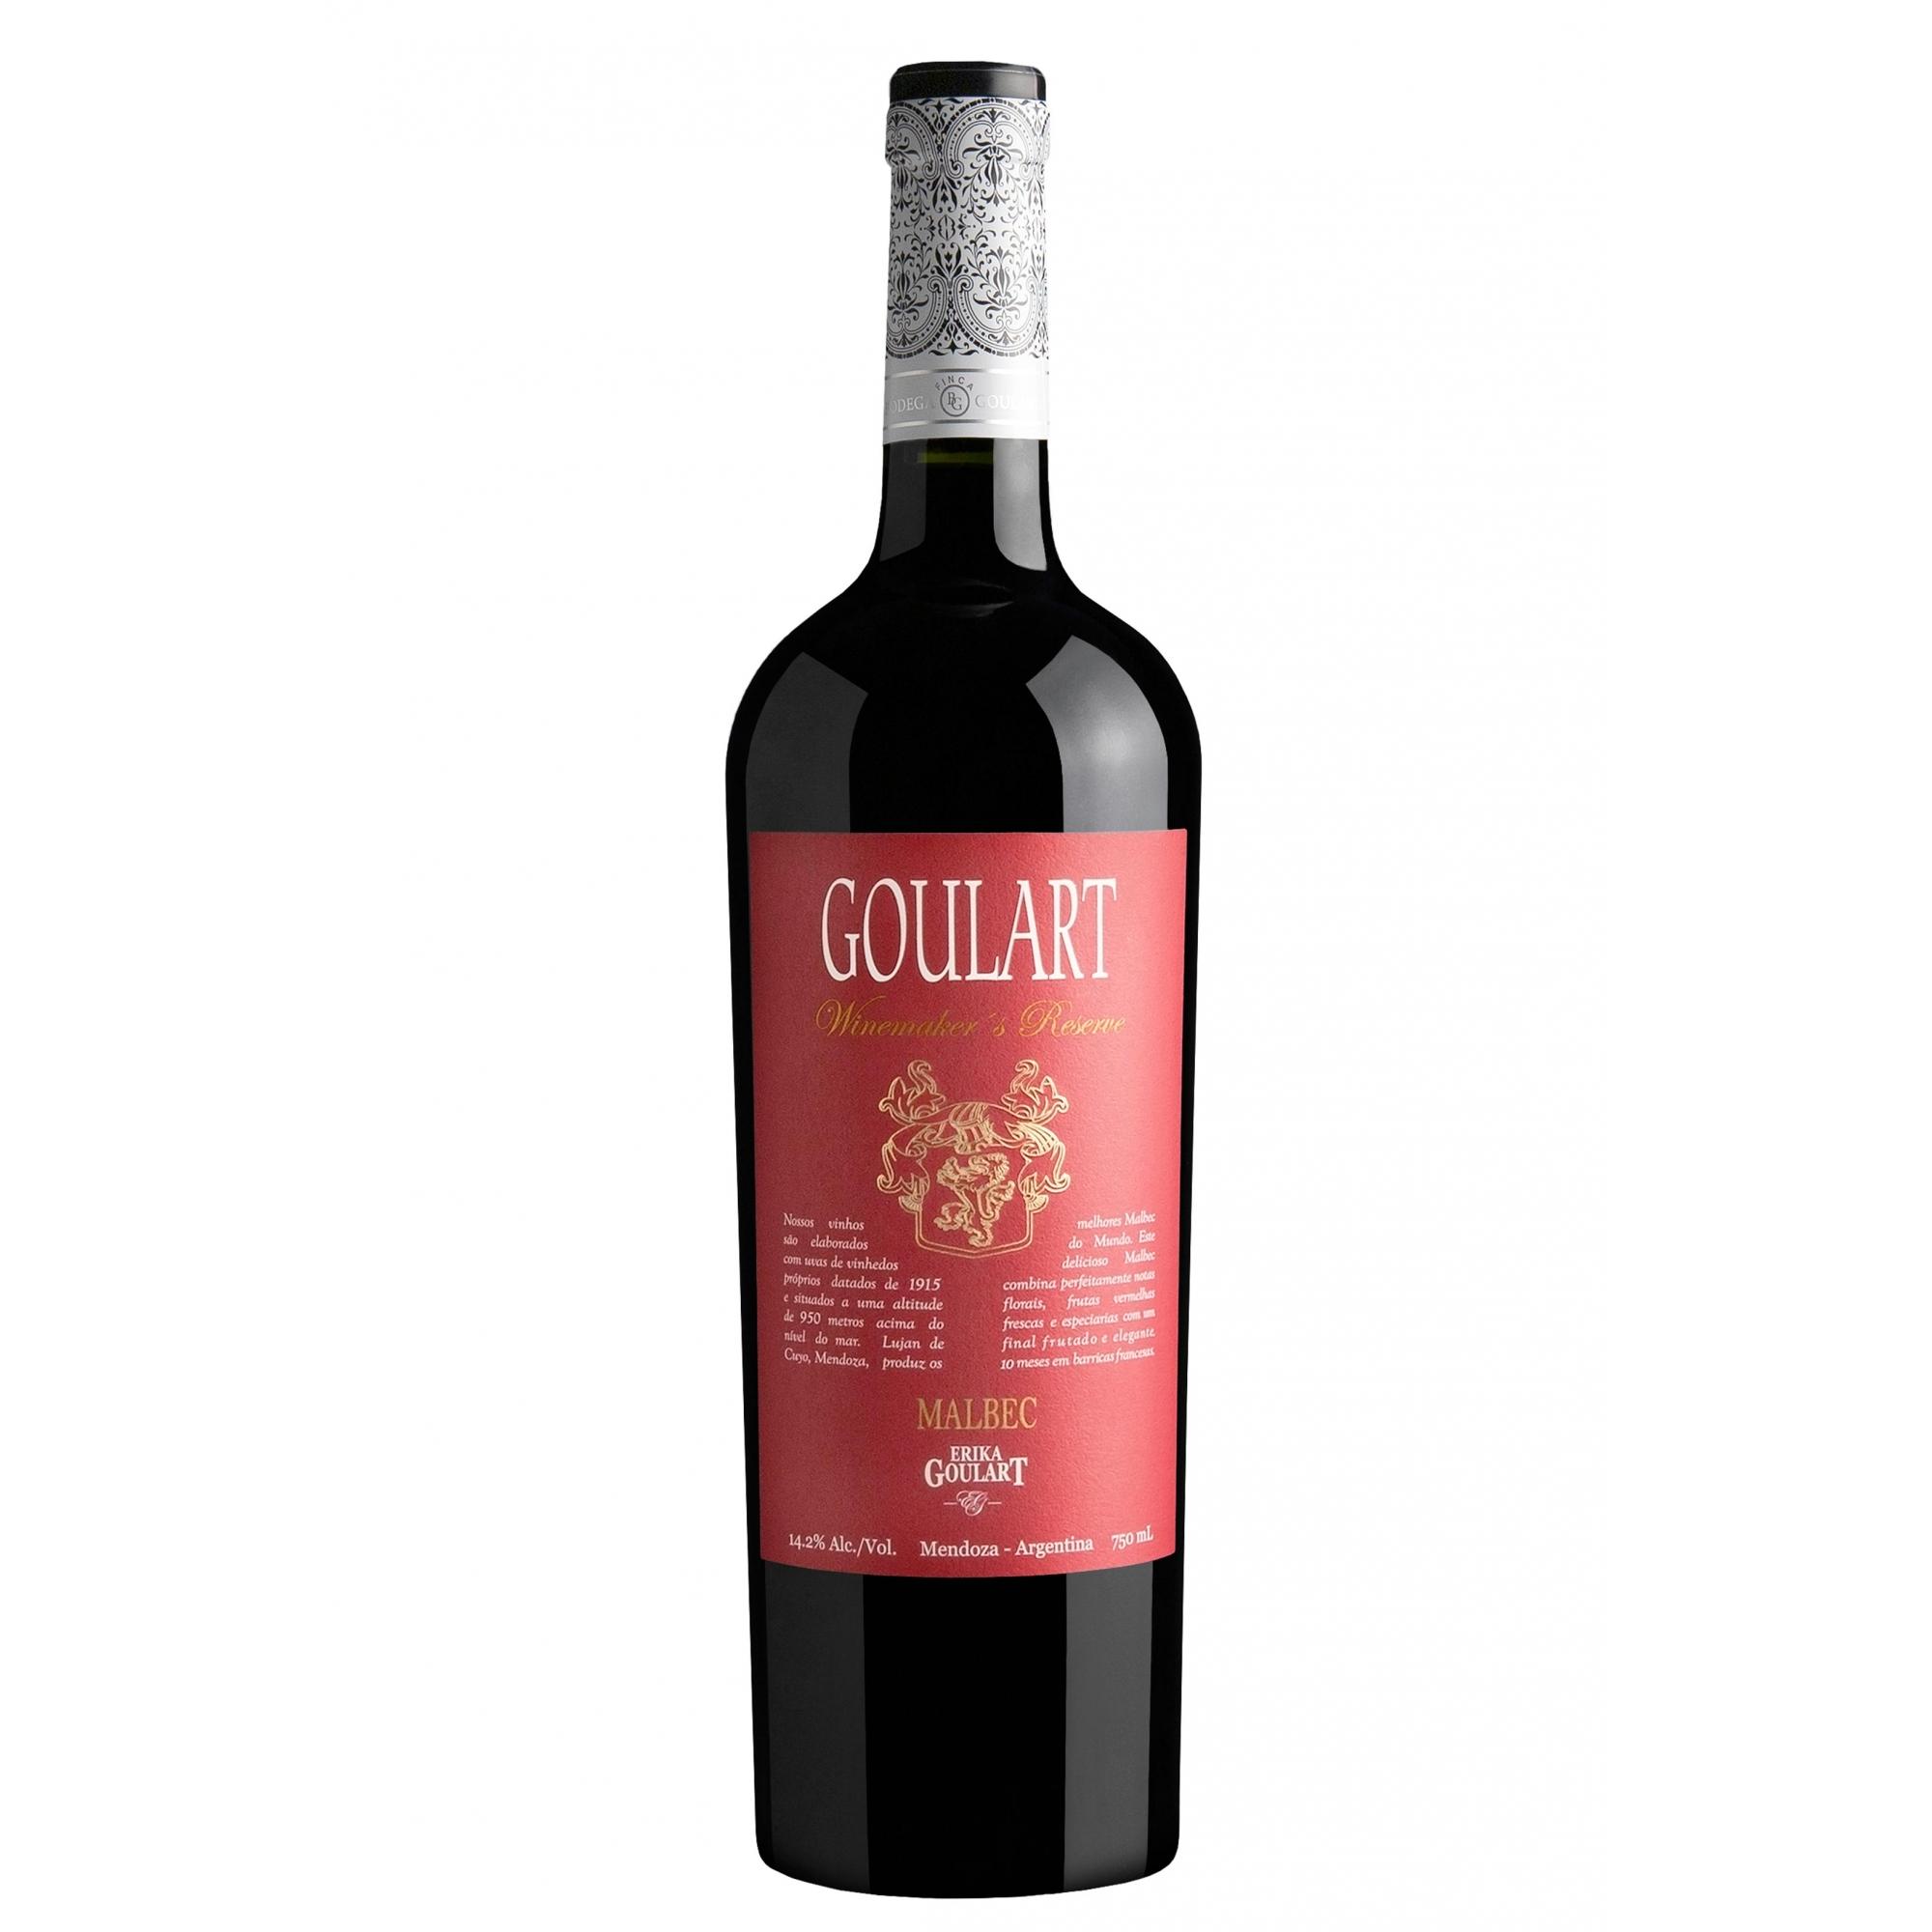 Goulart Winemaker´s Reserve Malbec 2019 - 750ml